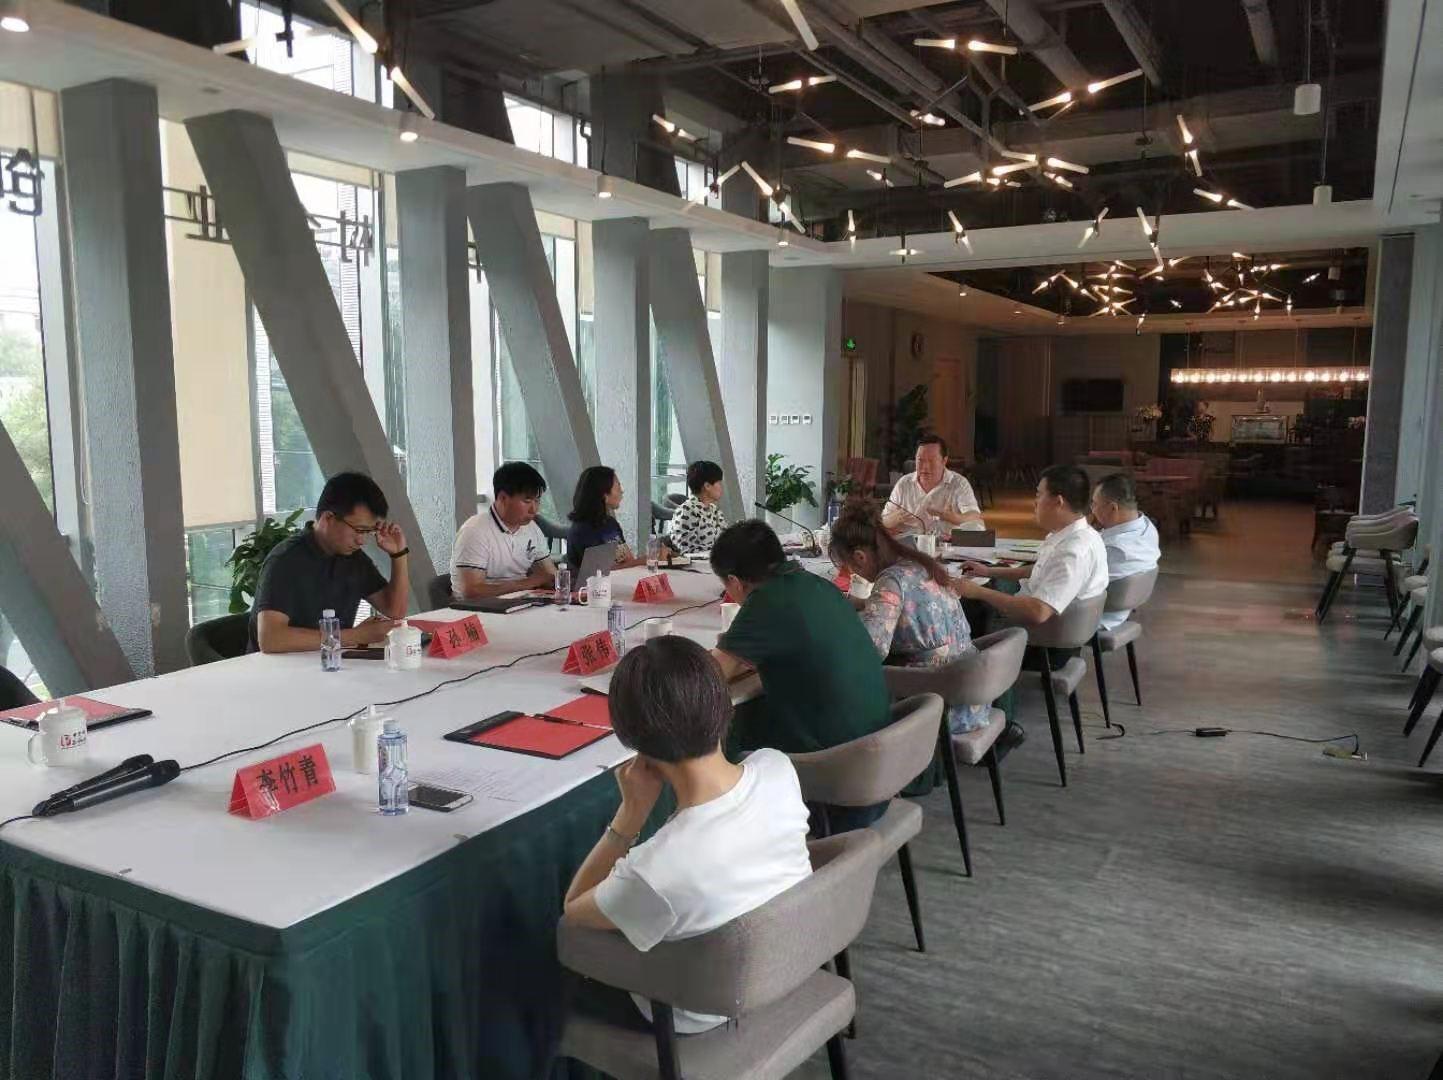 股份公司召开《九条规定》学习宣贯工作会议